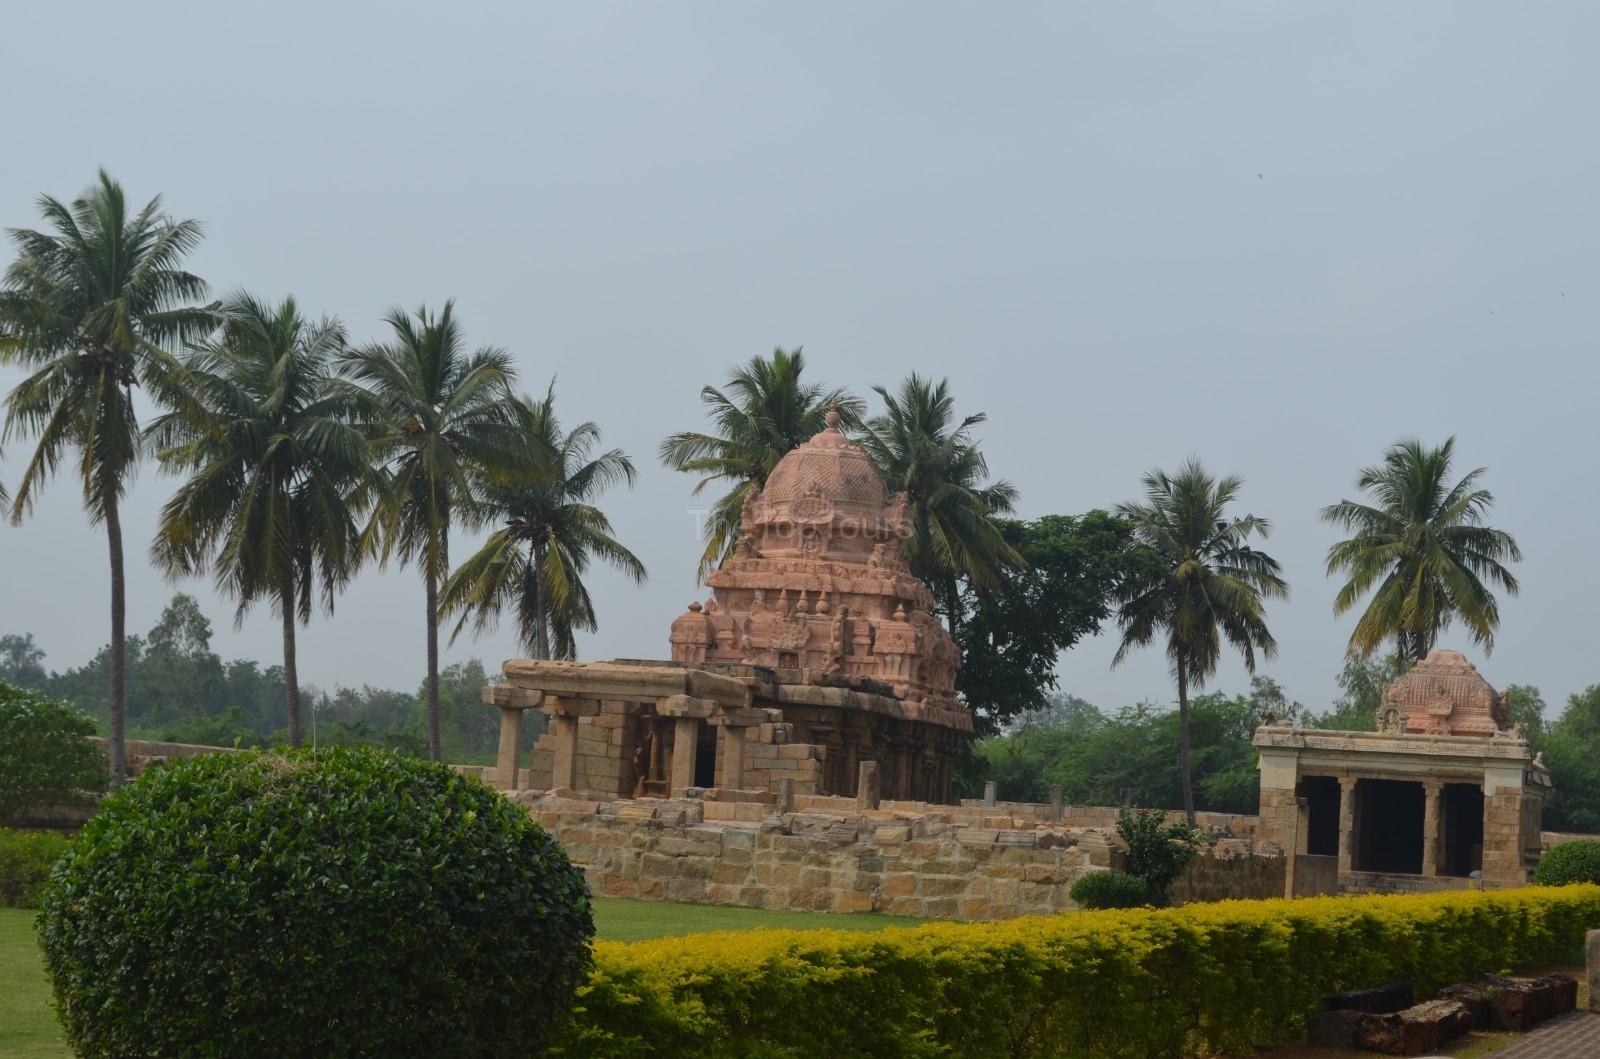 Ranga Mandapam Ruins Gangaikonda Cholapuram, Tamil Nadu